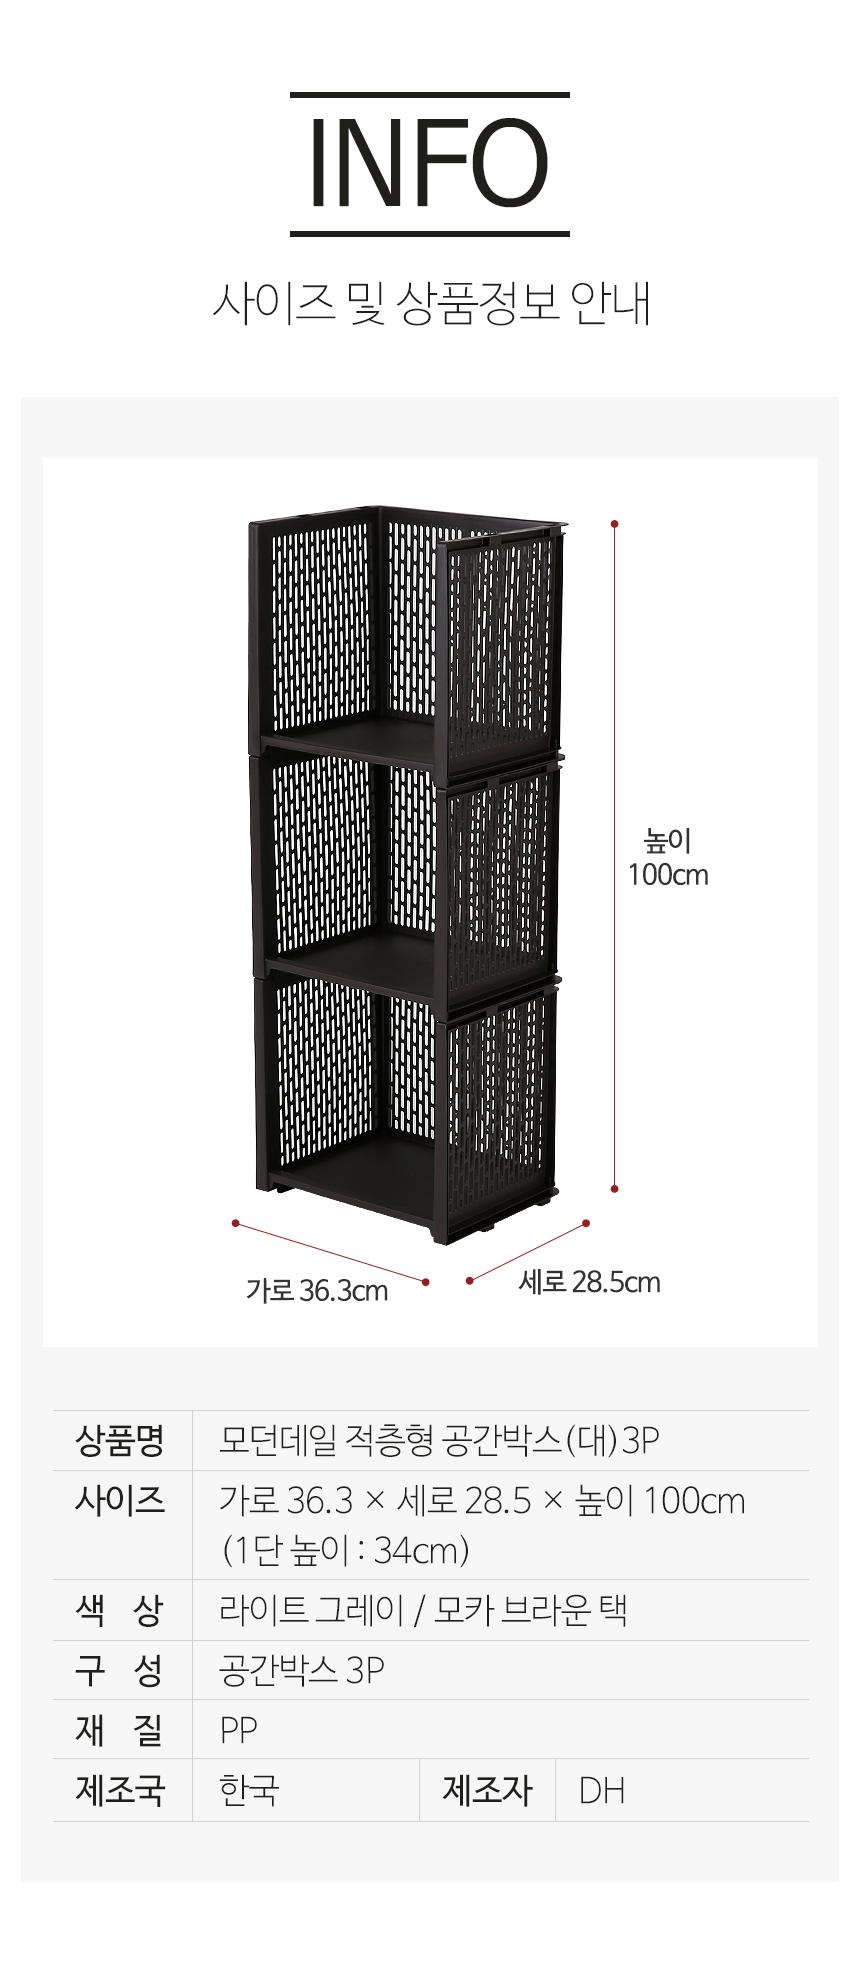 모던데일 적층형 공간박스 3단(대) - 더홈, 20,900원, 정리/리빙박스, 플라스틱 리빙박스